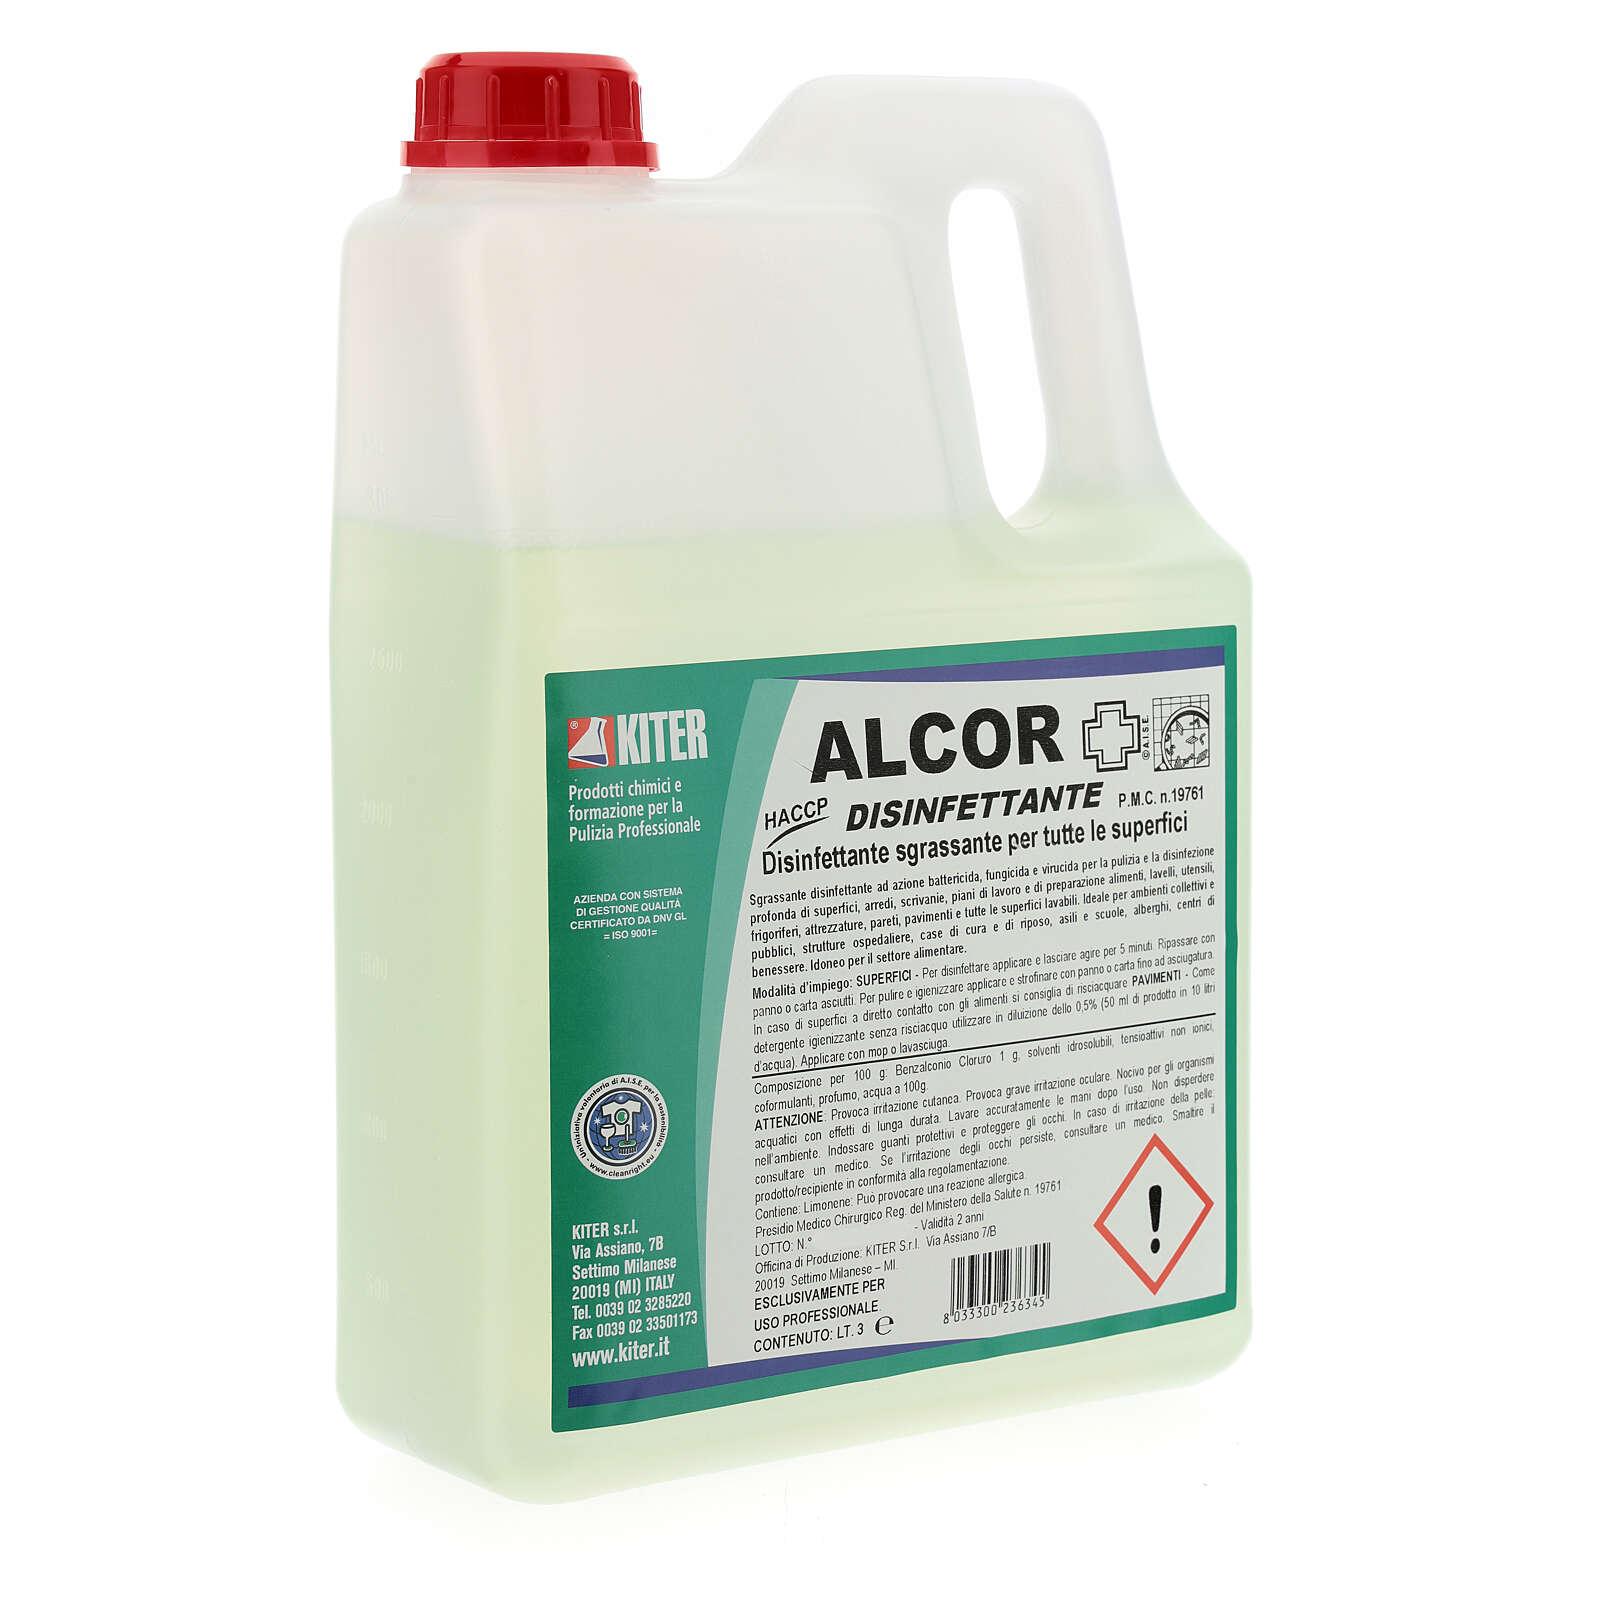 Desinfektionsmittel Alcor, 3-Liter-Kanister, Refill 3